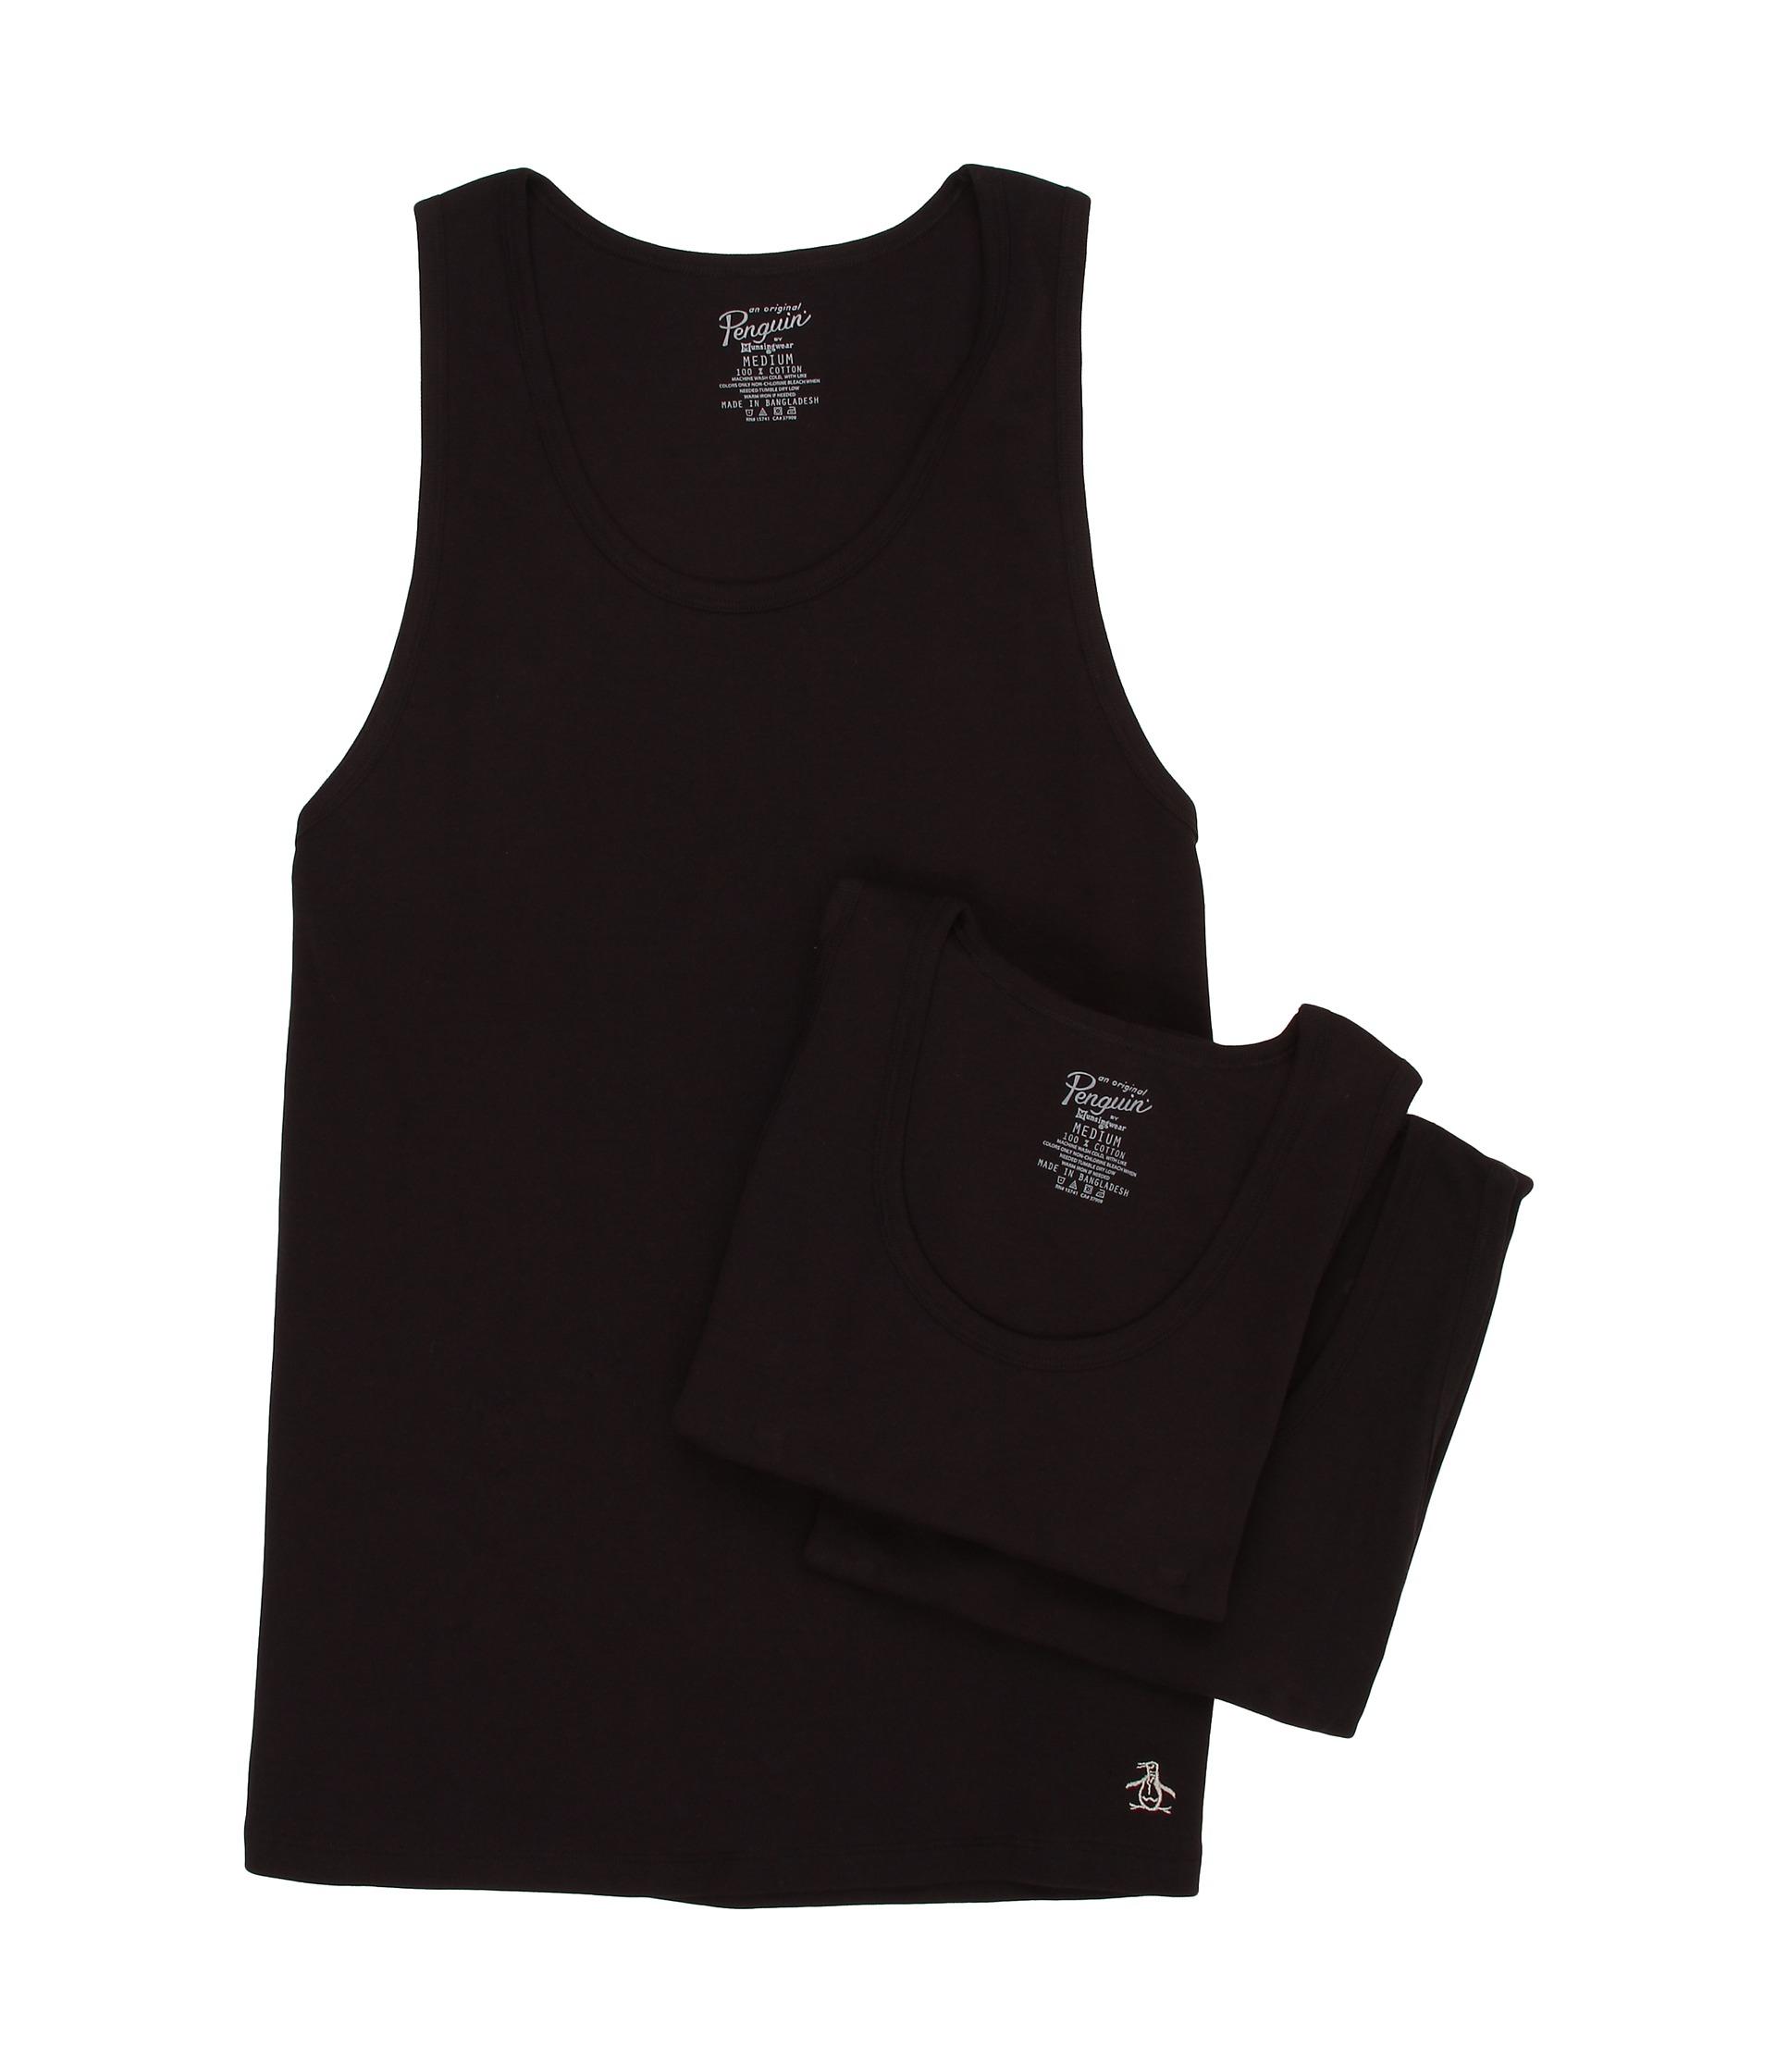 c547f0f44f2c3 Lyst - Original Penguin 100 Cotton 3 Pack Tank in Black for Men